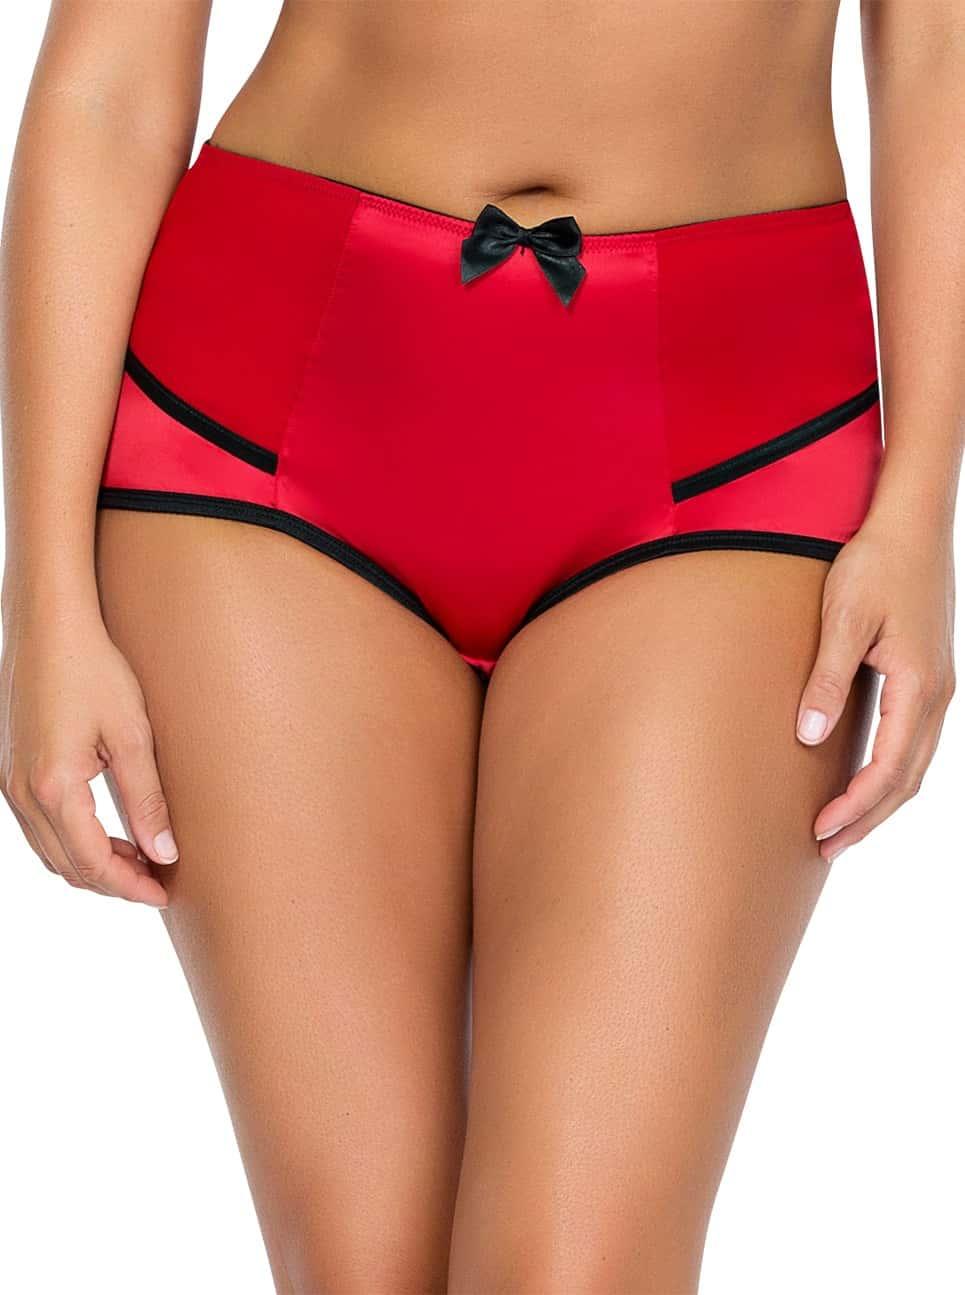 Charlotte HighwaistBrief6917 RedBlack Front - Charlotte Highwaist Brief - Red&Black - 6917